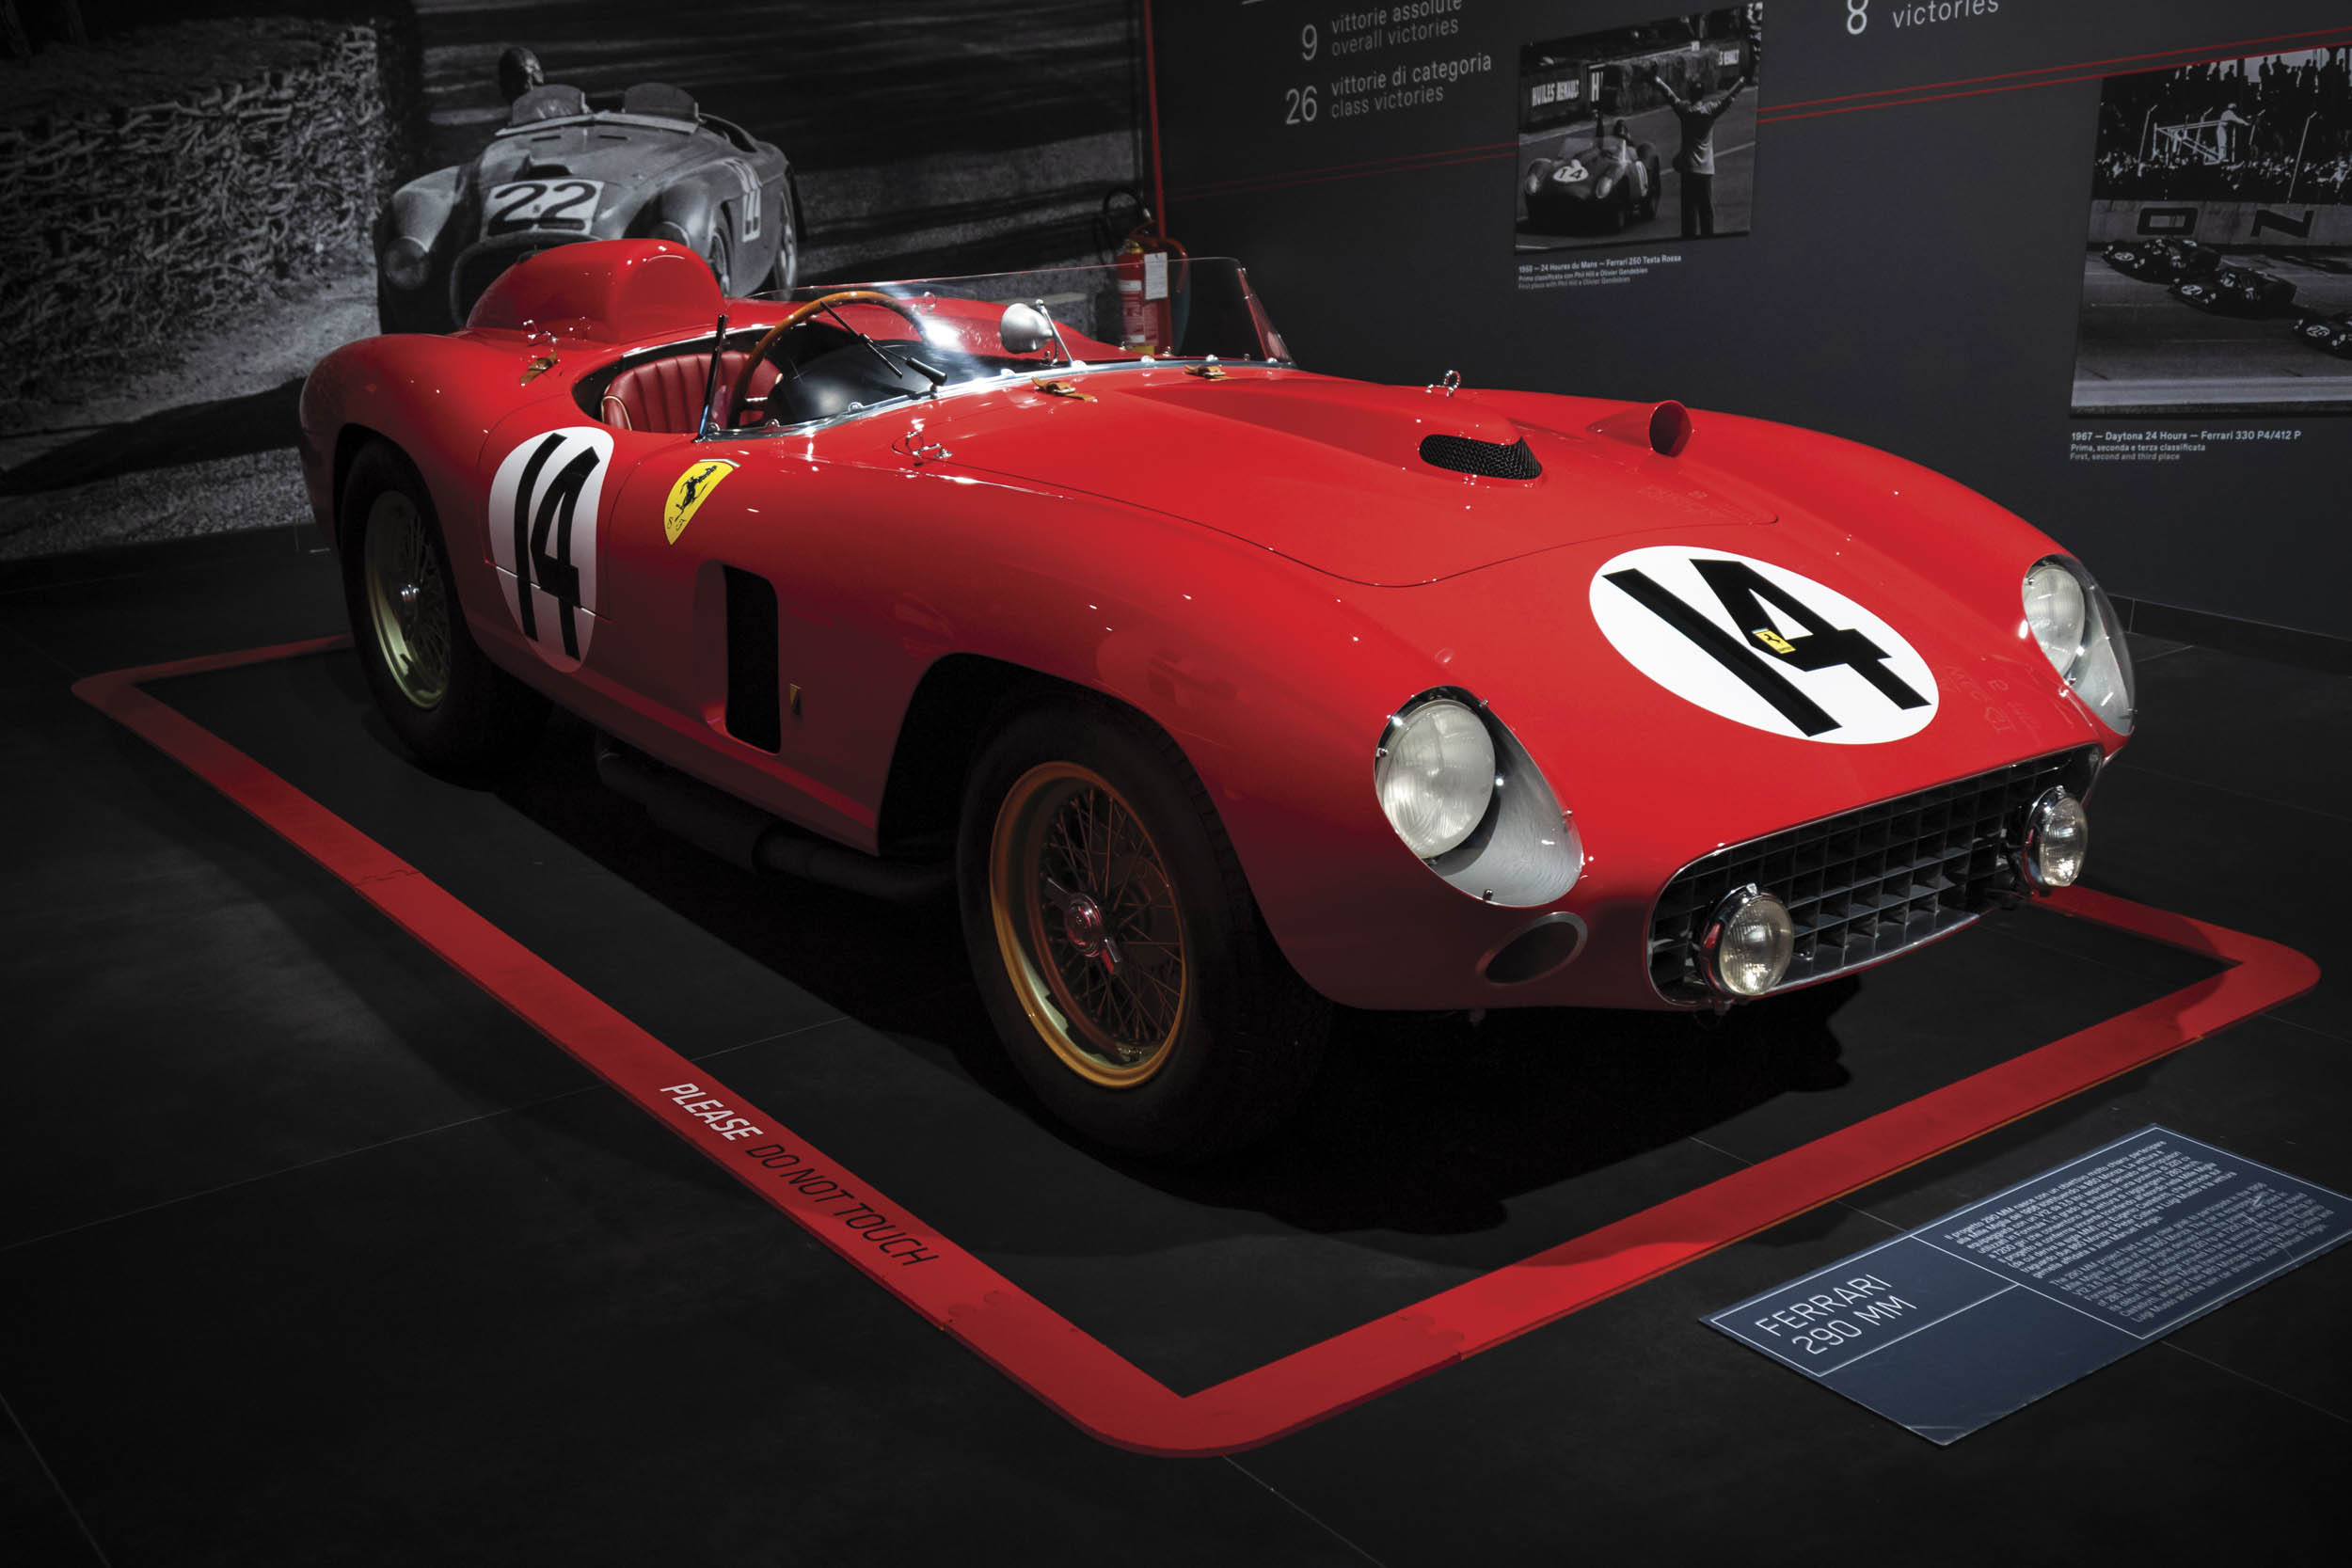 1956 Ferrari 290 MM by Scaglietti front 3/4